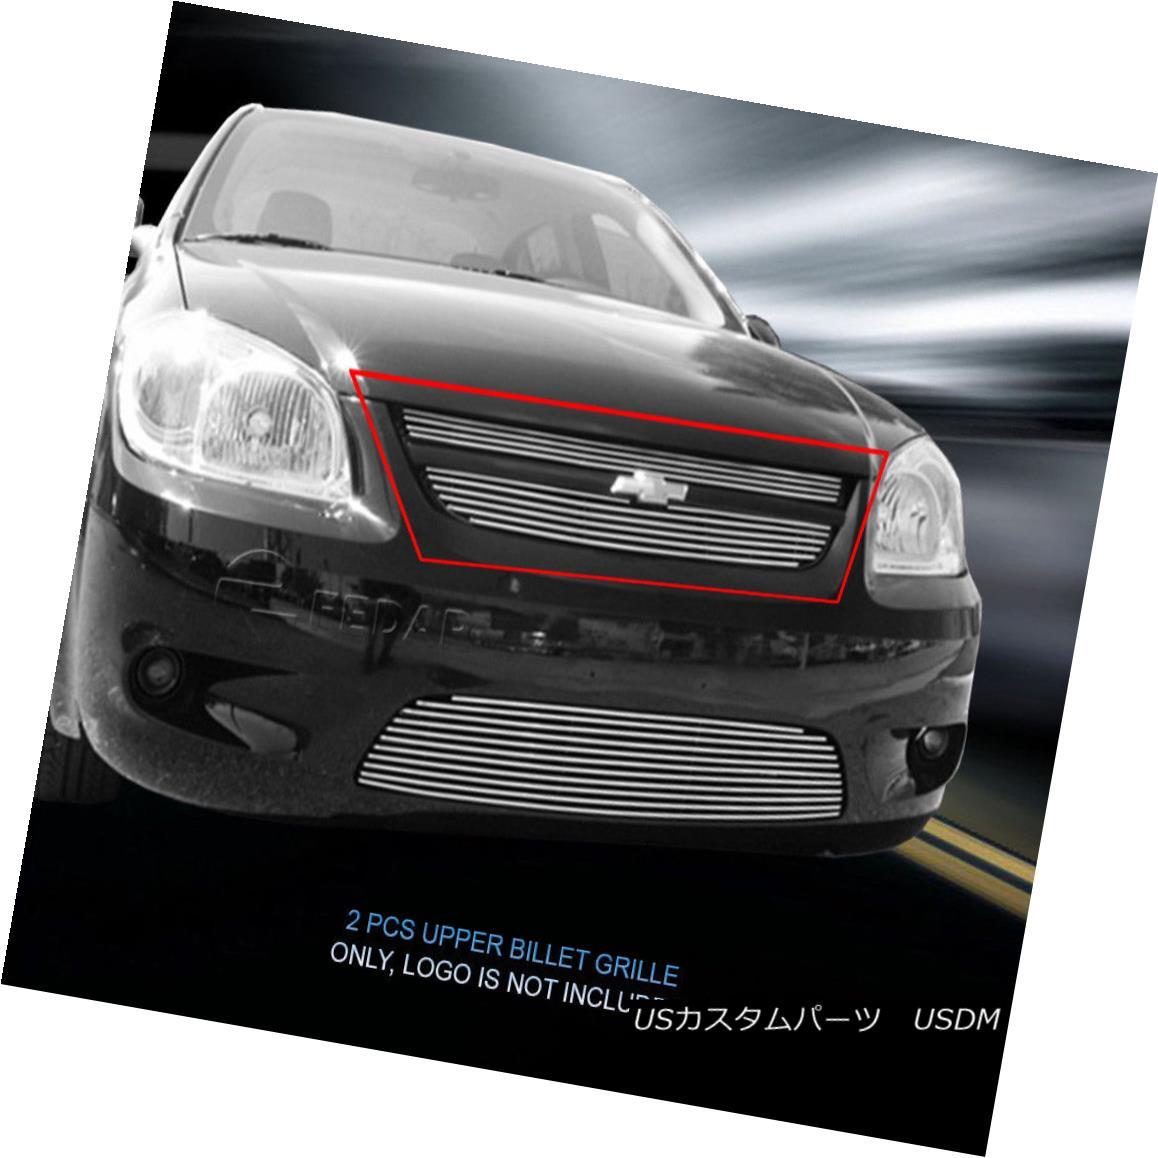 グリル For 2005-2010 Chevy Cobalt Billet Grille Upper Grill Insert Fedar 2005-2010シボレーコバルトビレットグリルアッパーグリルインサートFedar